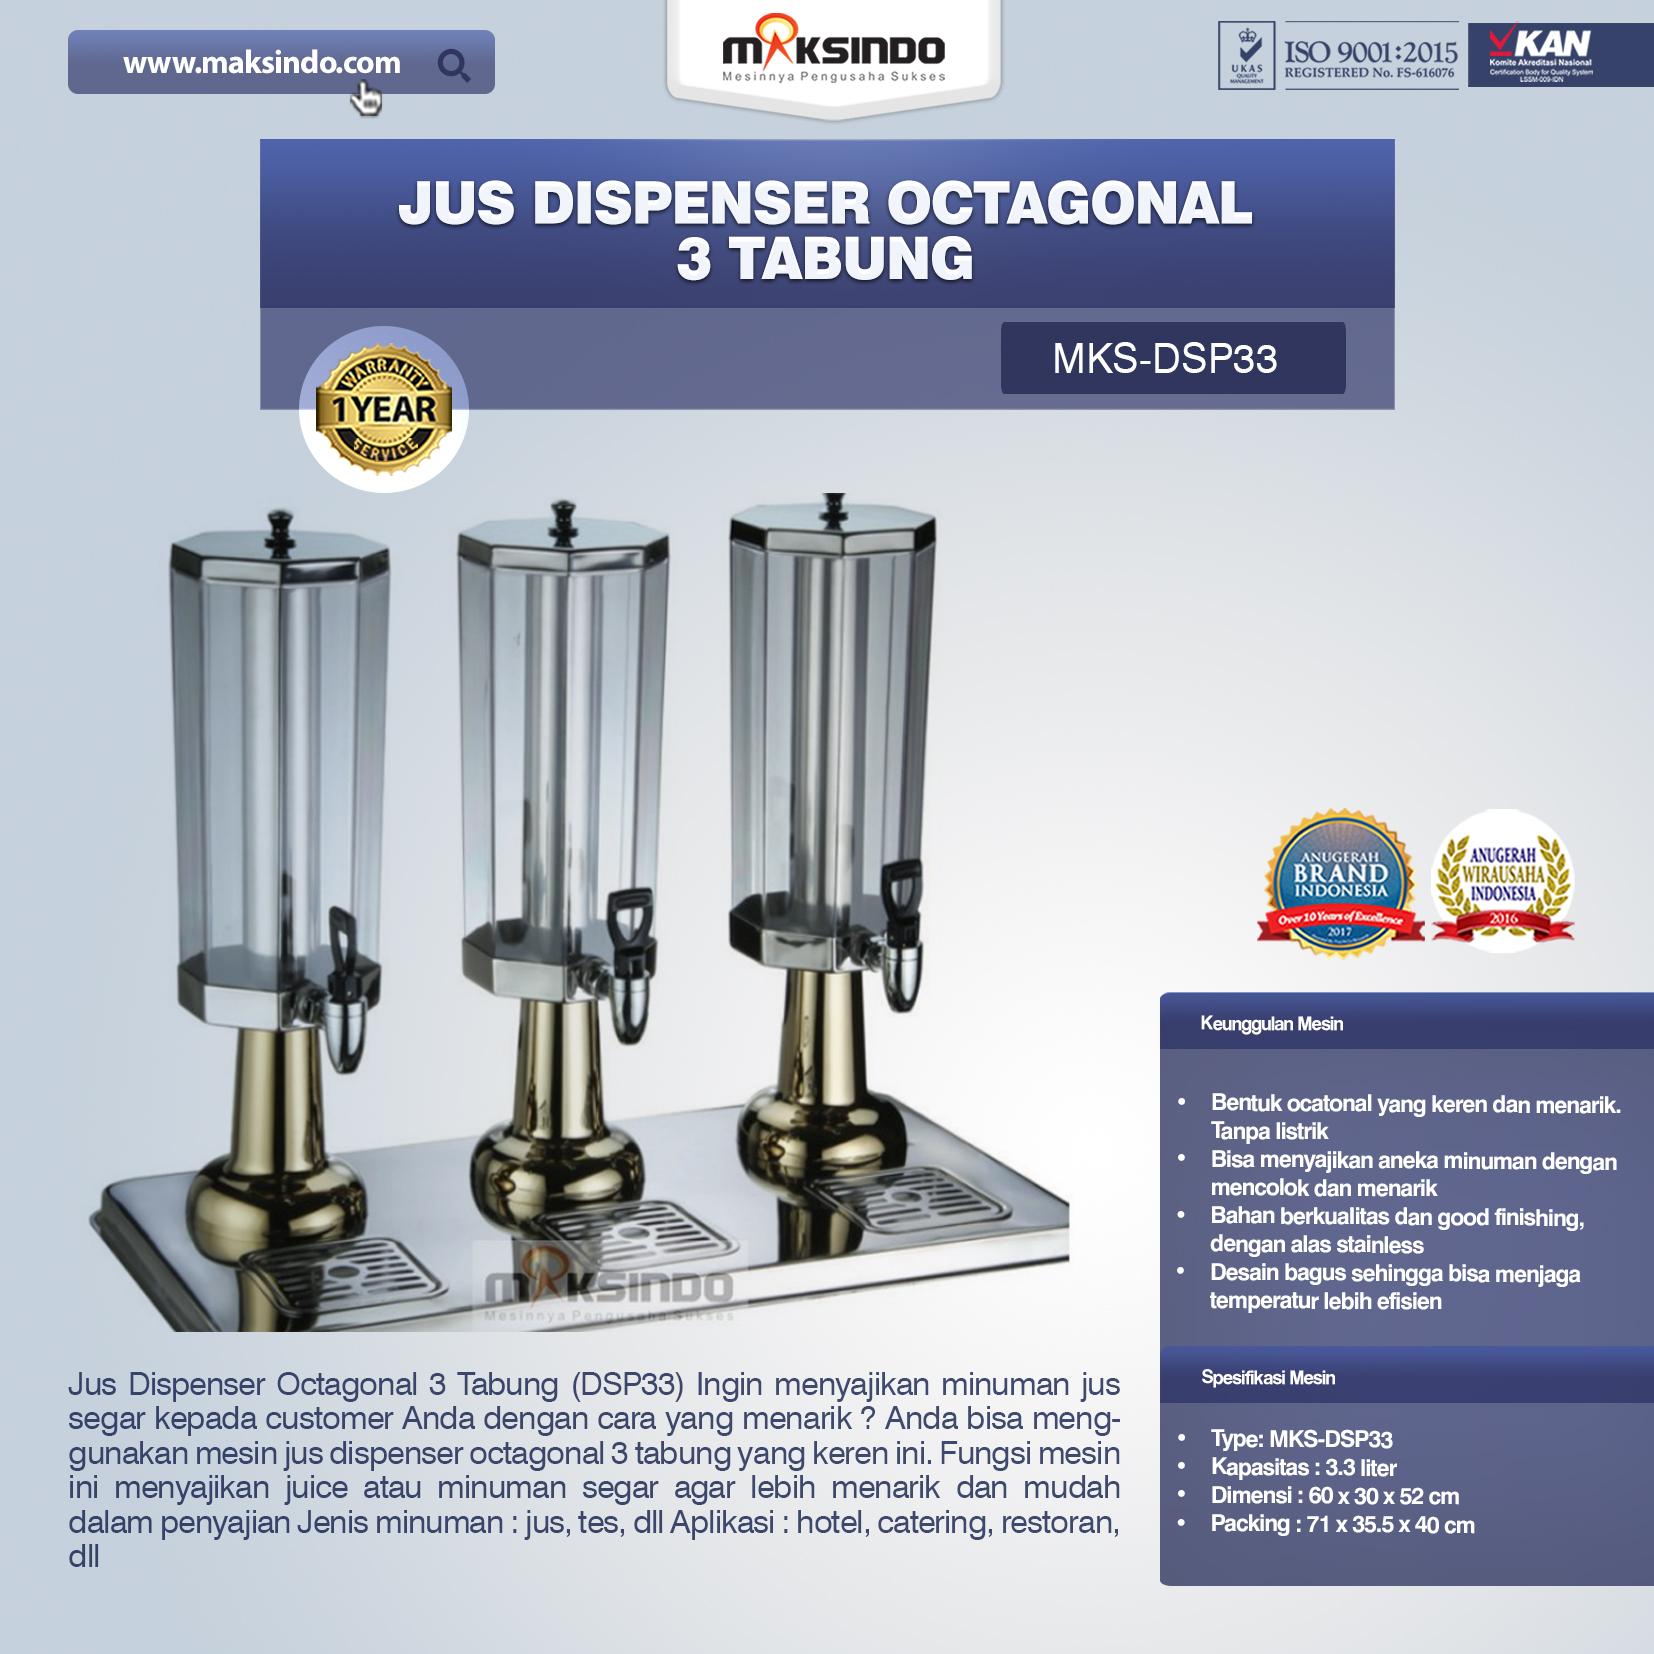 Jual Jus Dispenser Octagonal 3 Tabung (DSP33) di Palembang